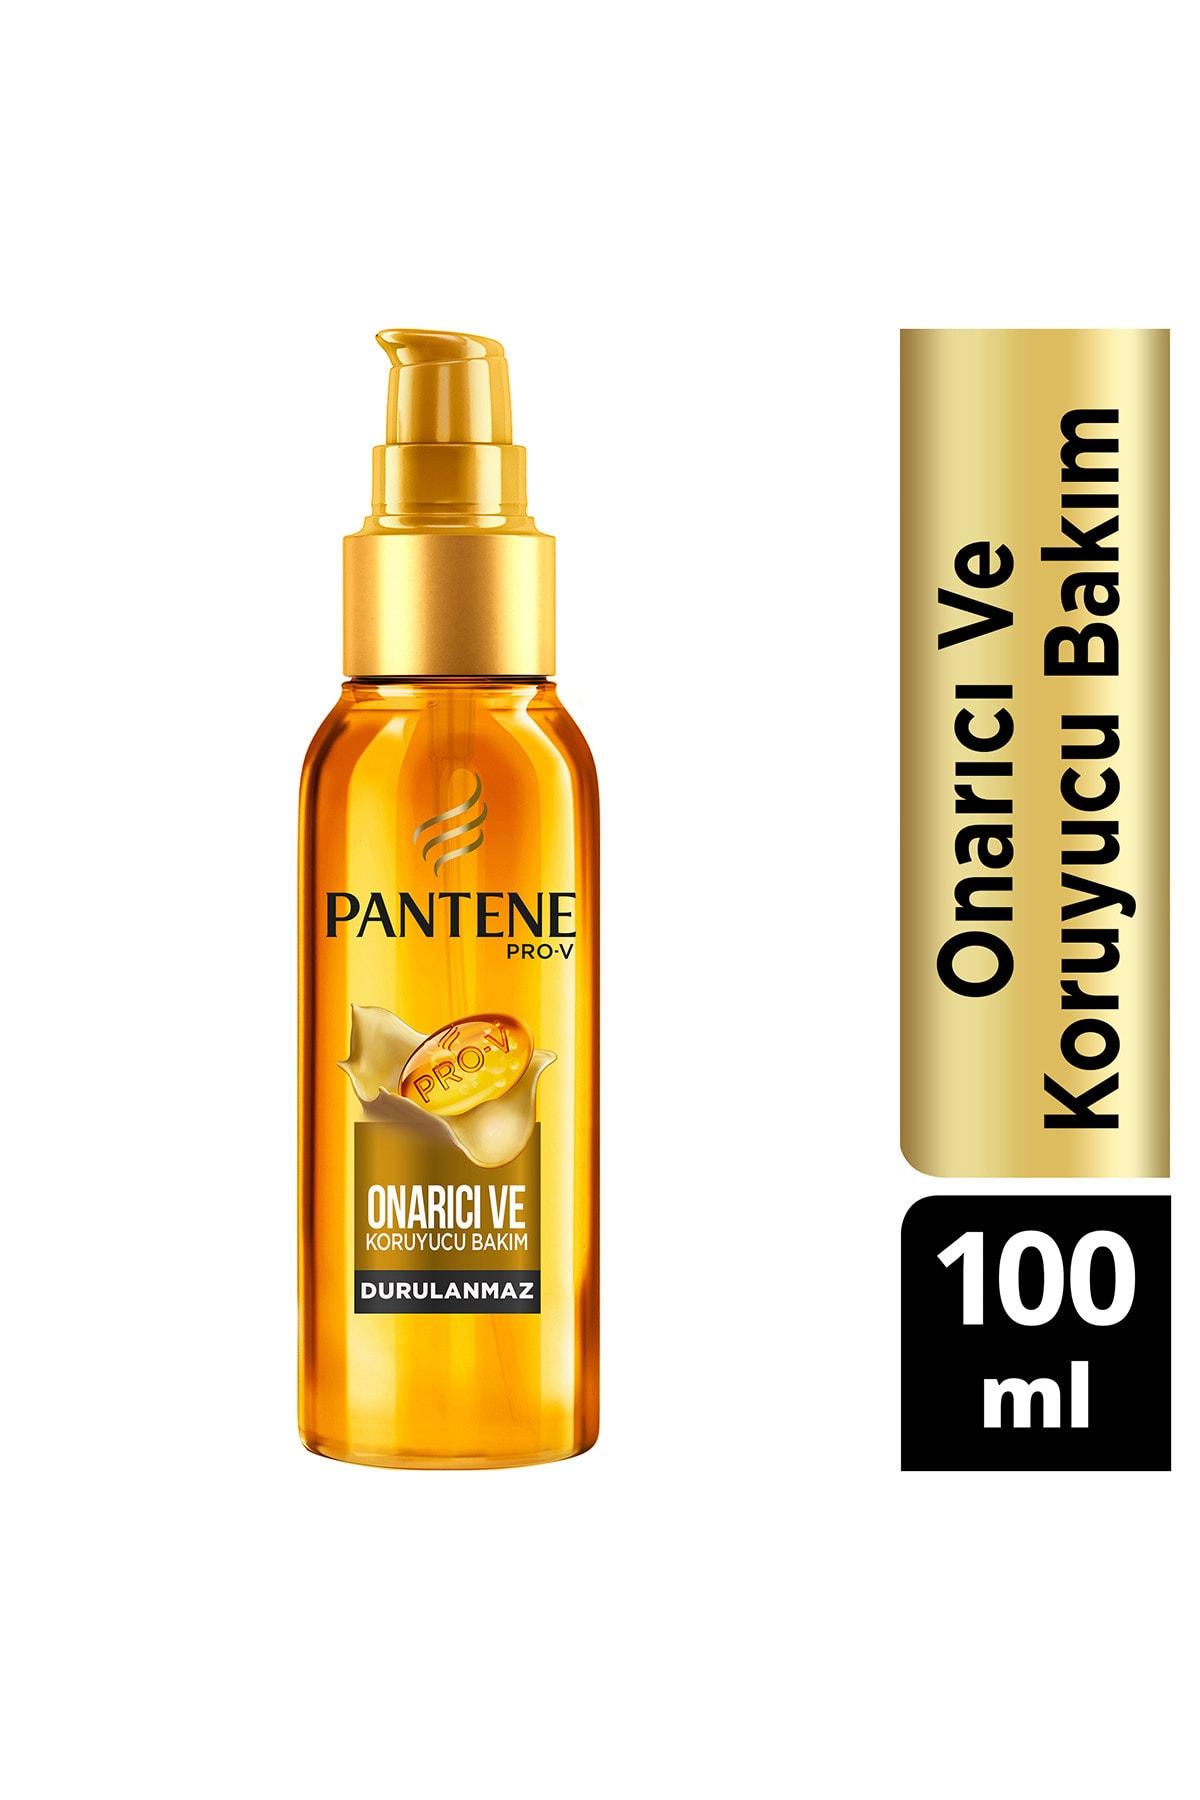 Pantene Keratin Özlü Onarıcı E Vitaminli Saç Bakım Yağı 100 ml 1